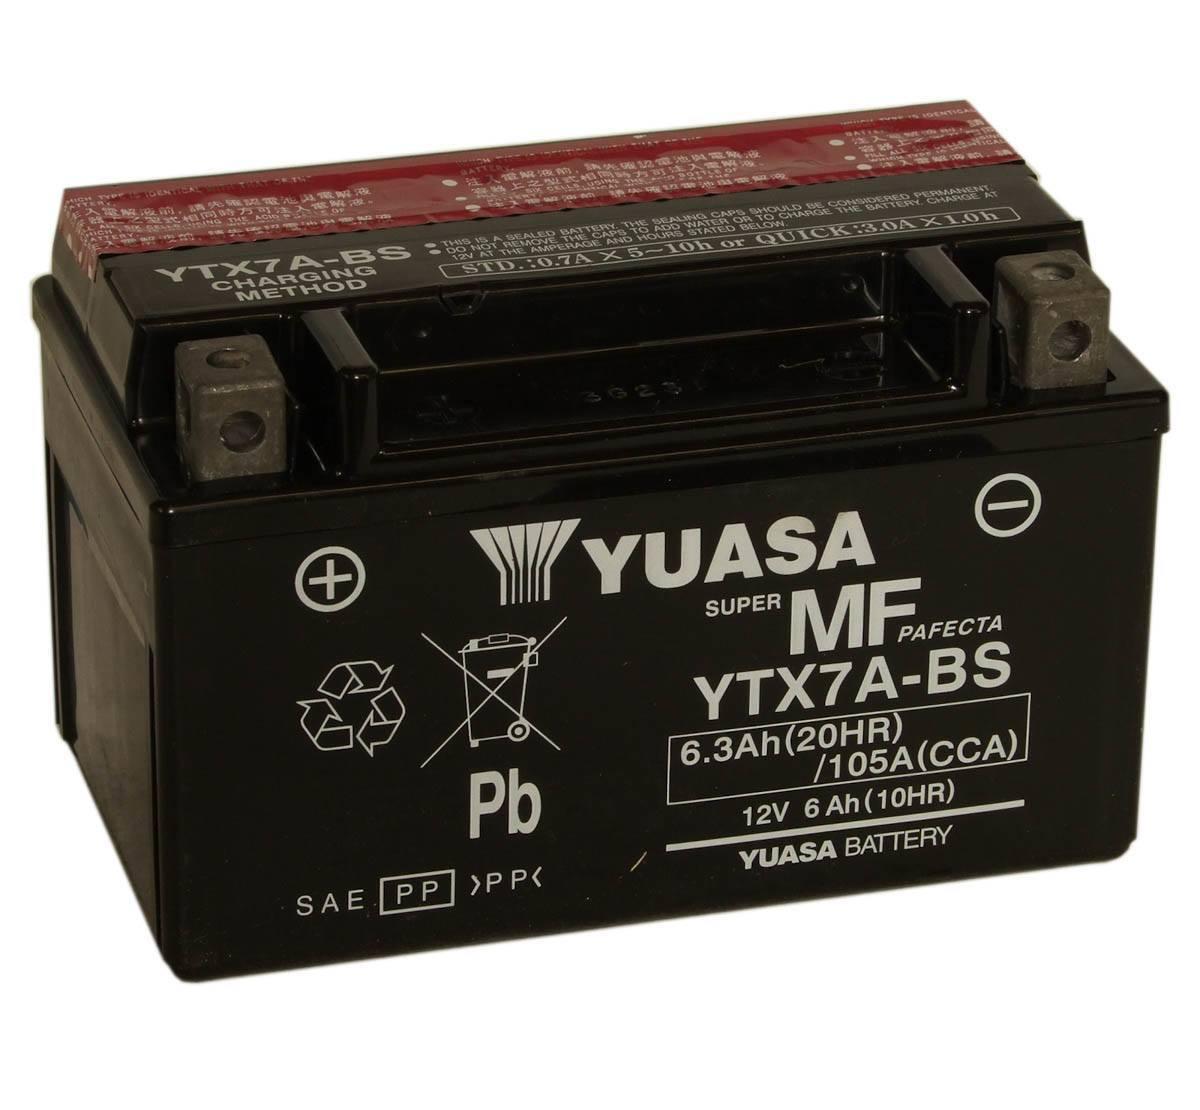 yuasa ytx9 bs charging instructions